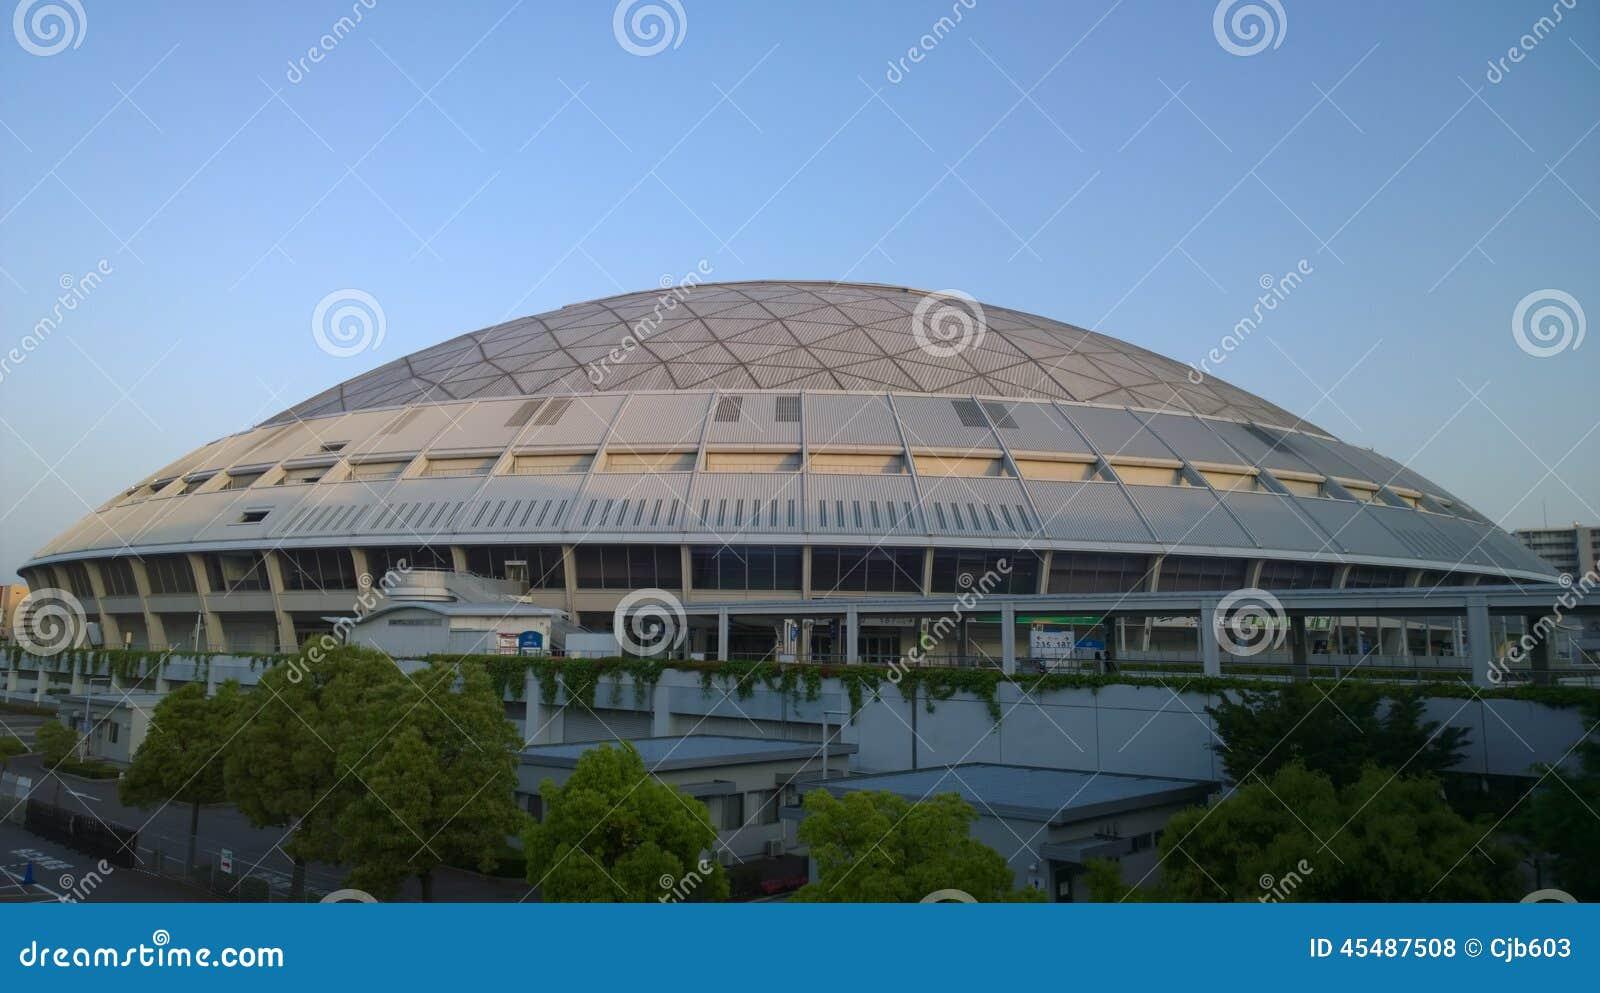 名古屋圆顶棒球场,名古屋日本